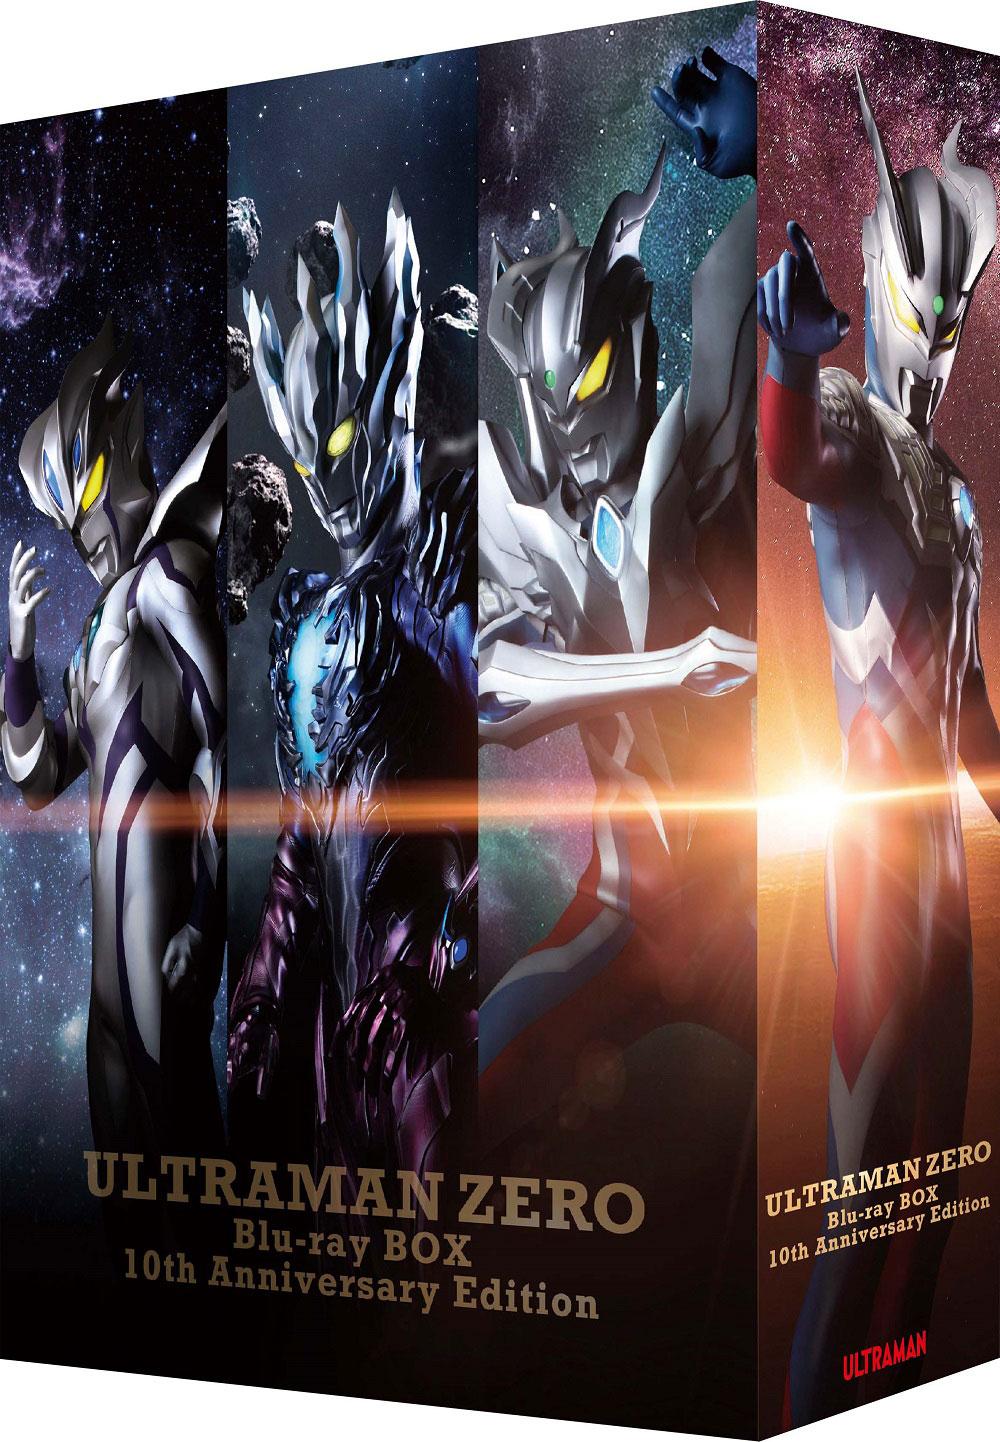 『ウルトラマンゼロ Blu-ray BOX 10th Anniversary Edition』特典ディスクレーベル誤表記のお詫び<2021年4月28日更新>